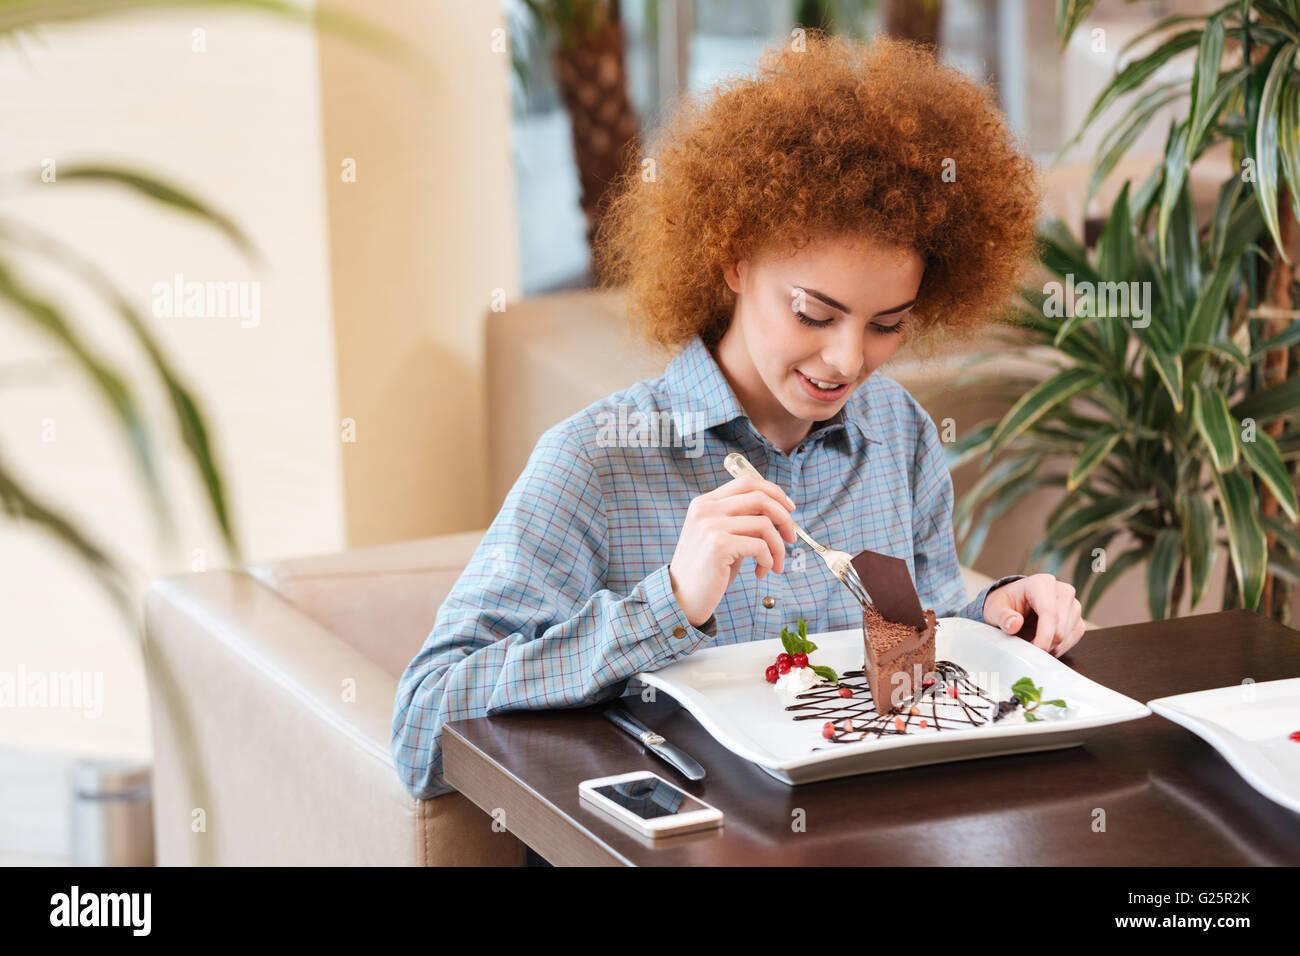 Niedliche lockige junge Frau mit roten Haaren Essen Dessert im café Stockbild